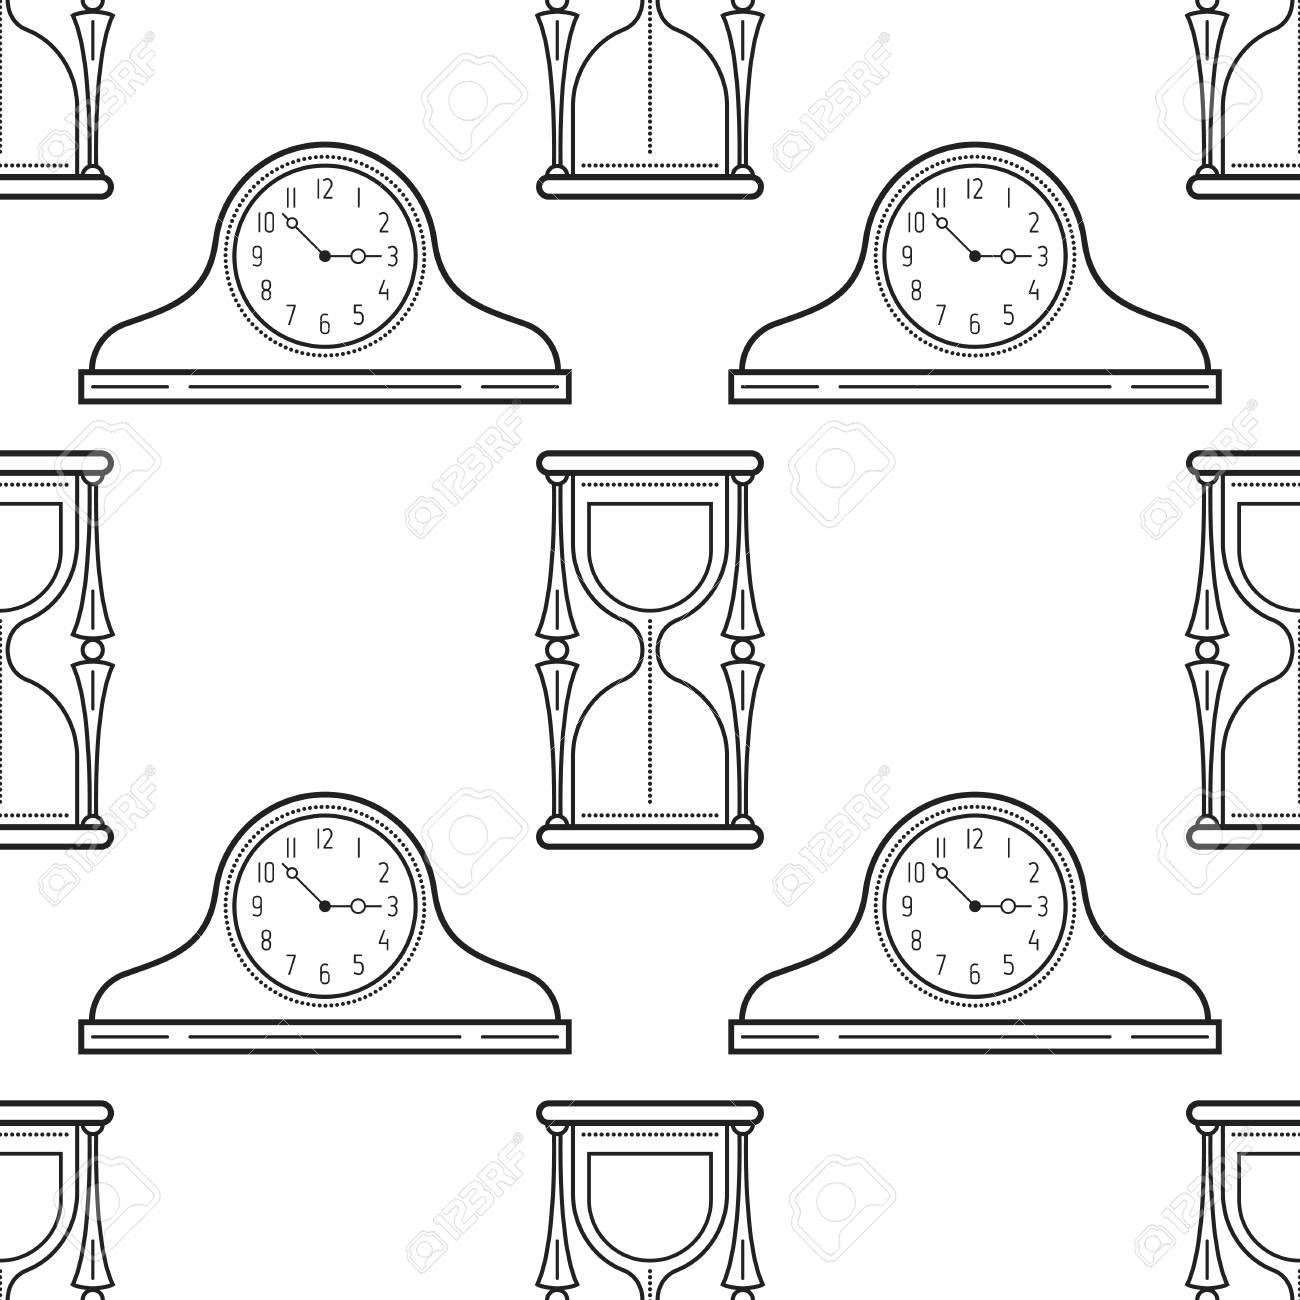 Reloj De Arena Y Relojes De Chimenea En Blanco Y Negro Patrón Repetitivo Para Colorear Libros Páginas